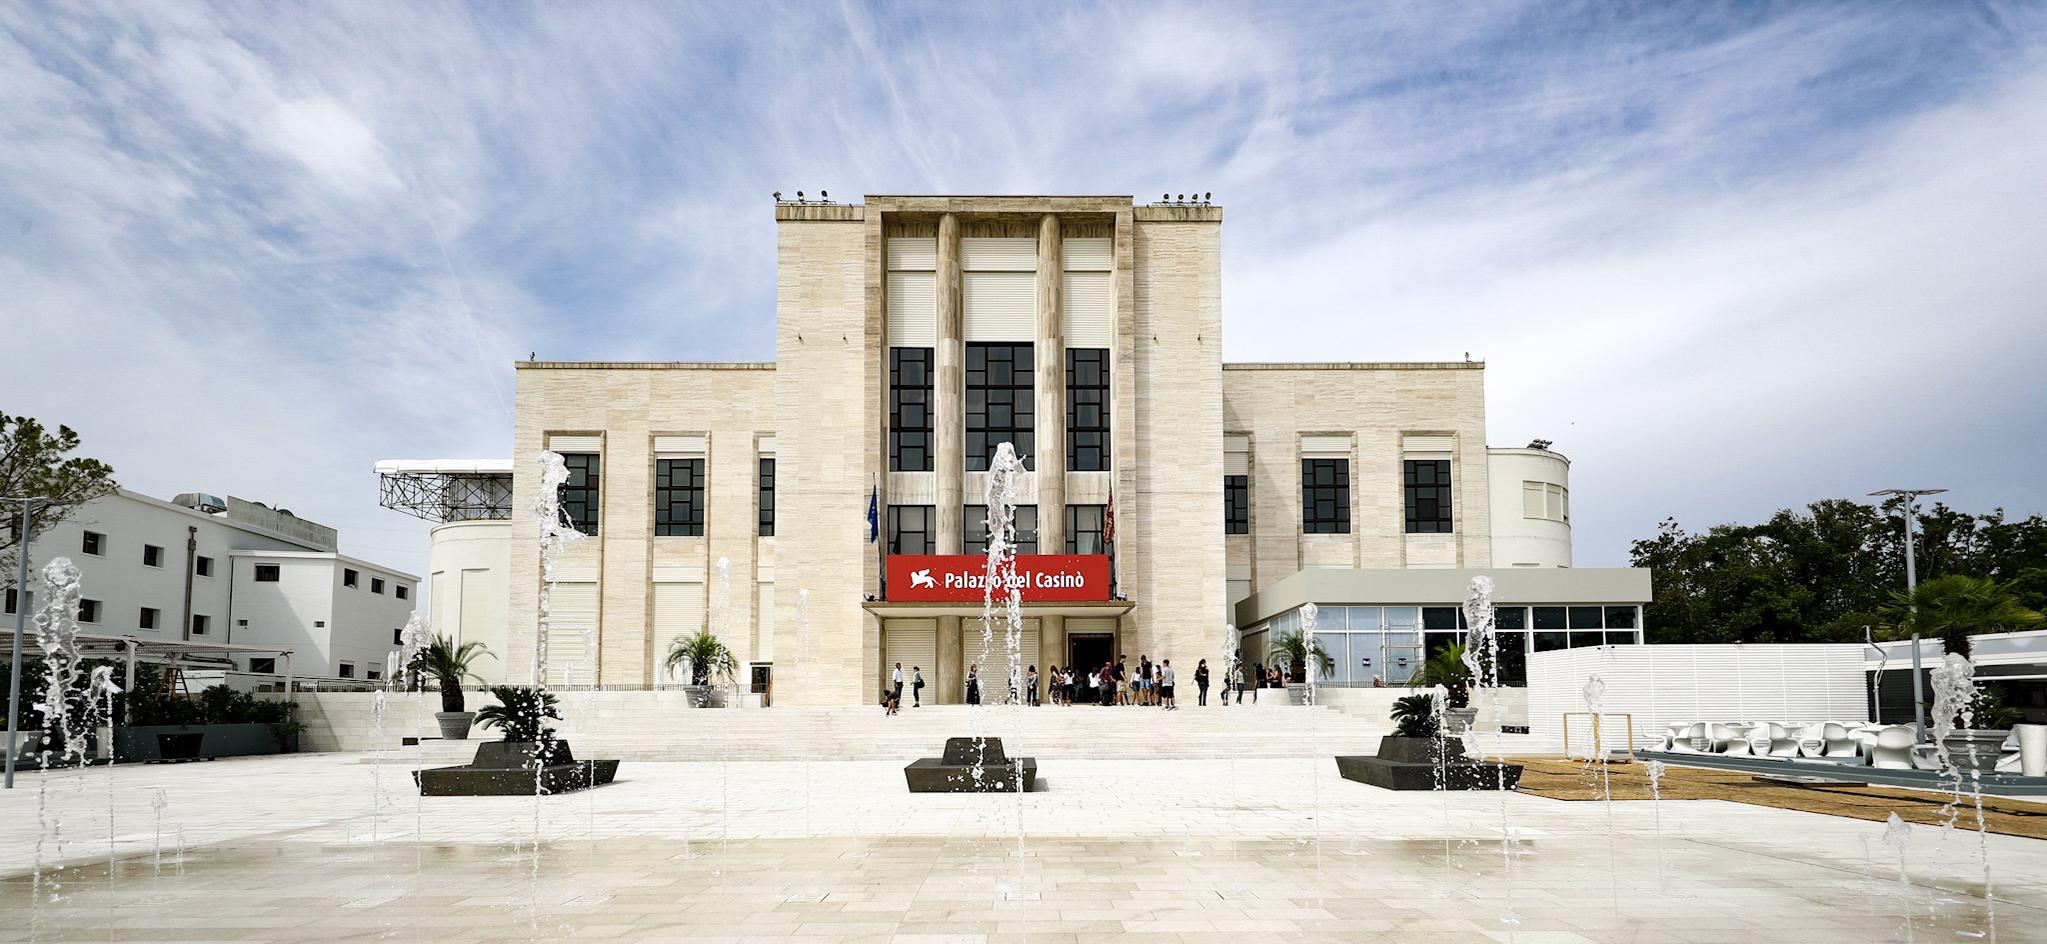 Palazzo del Casinò Crédito: La Biennale di Venezia - foto ASAC